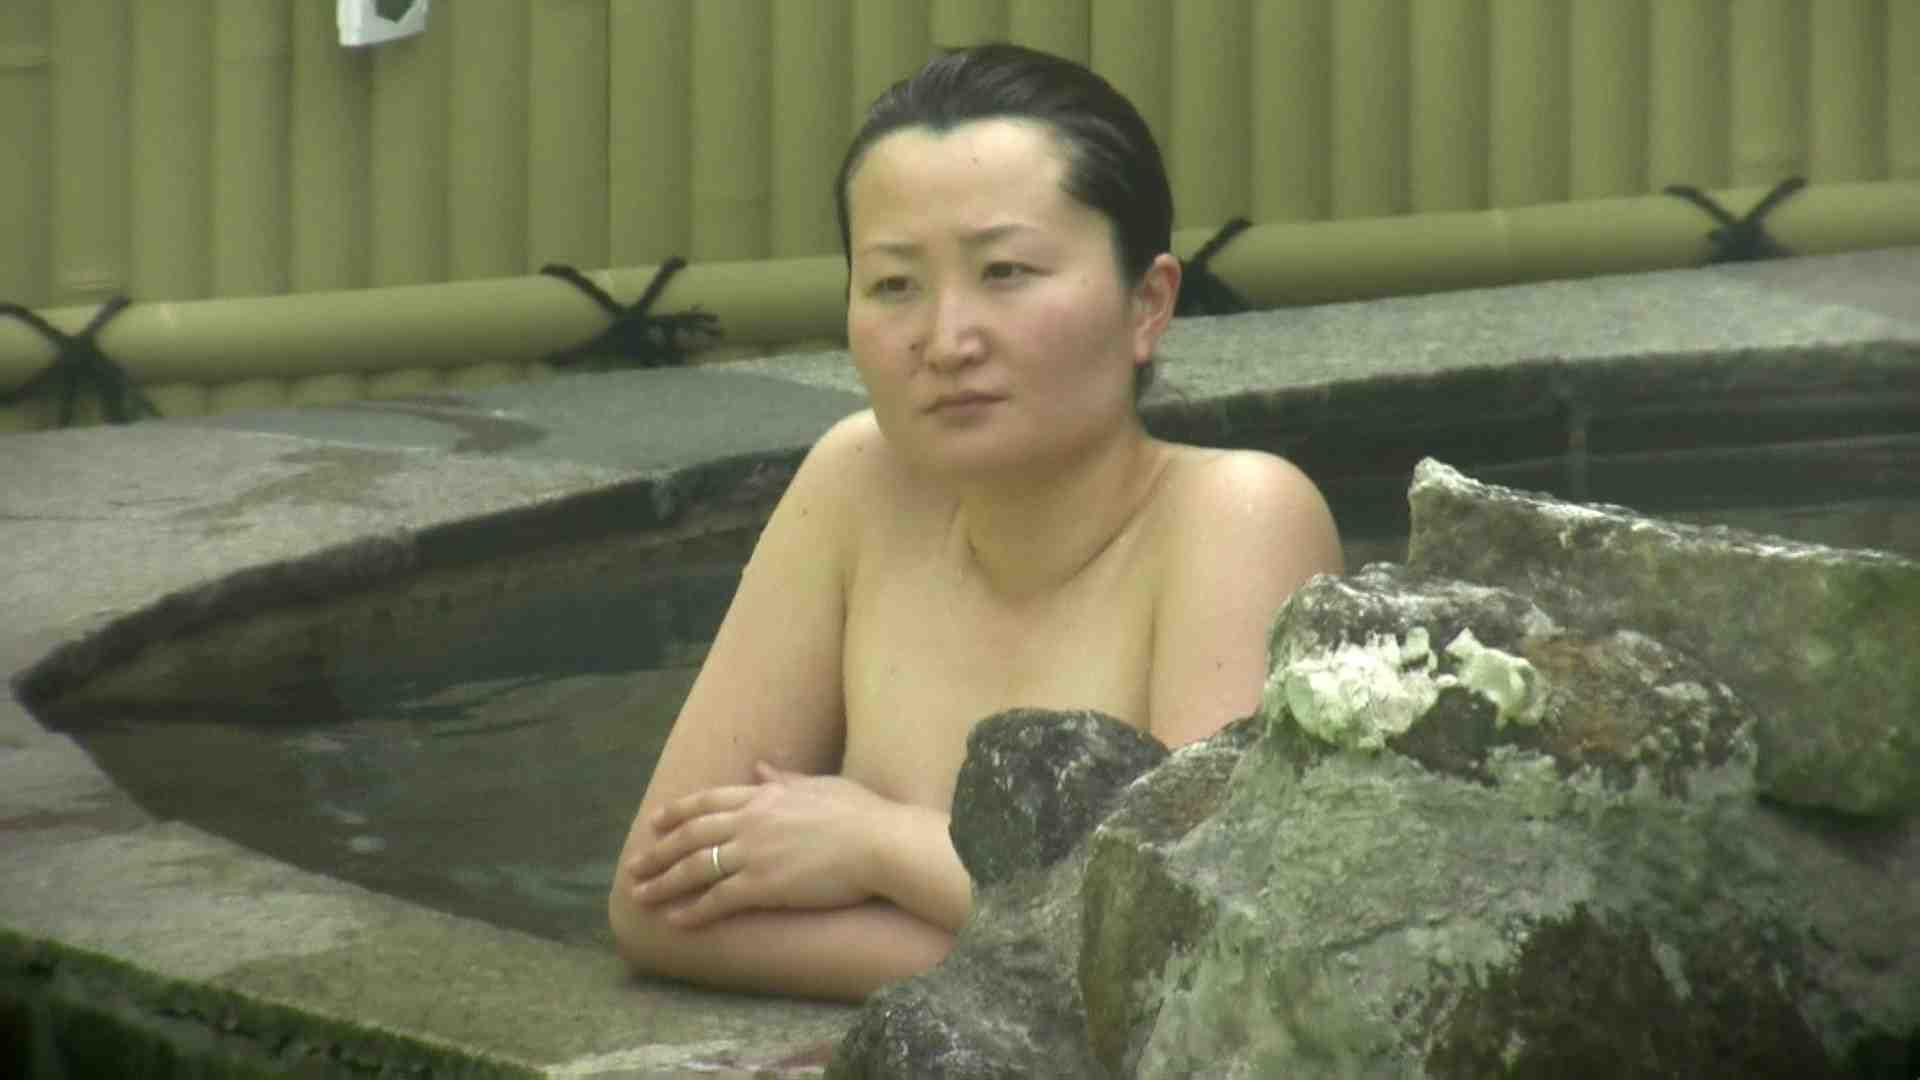 Aquaな露天風呂Vol.632 盗撮シリーズ  100PIX 94